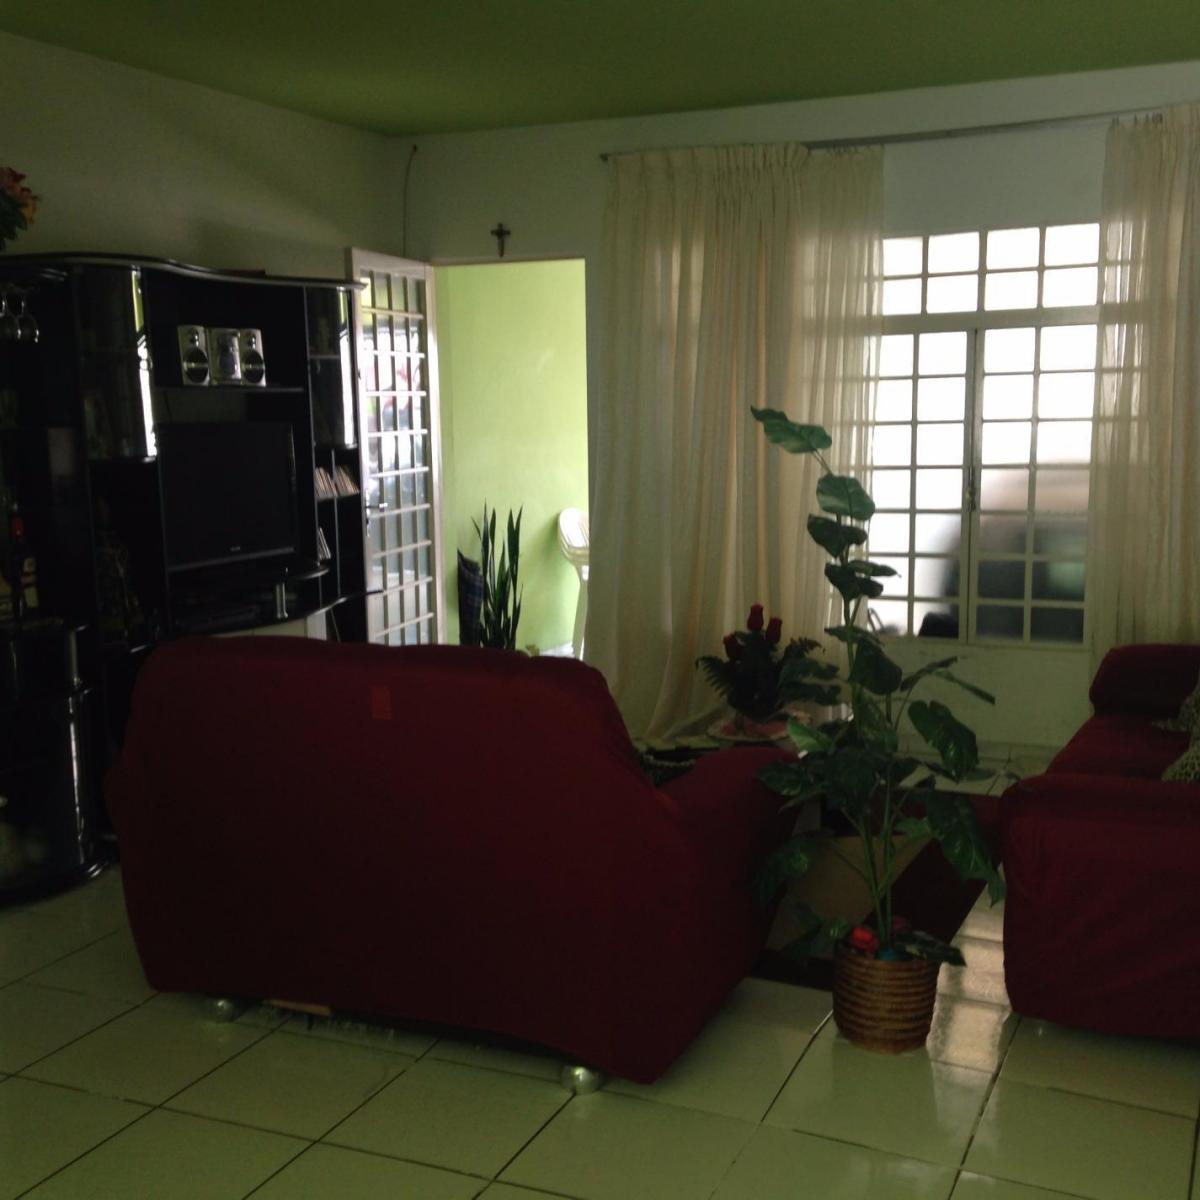 Casa para aluguel com 2 Quartos Vila Euclides São Bernardo do Campo  #7E8843 1200 1200